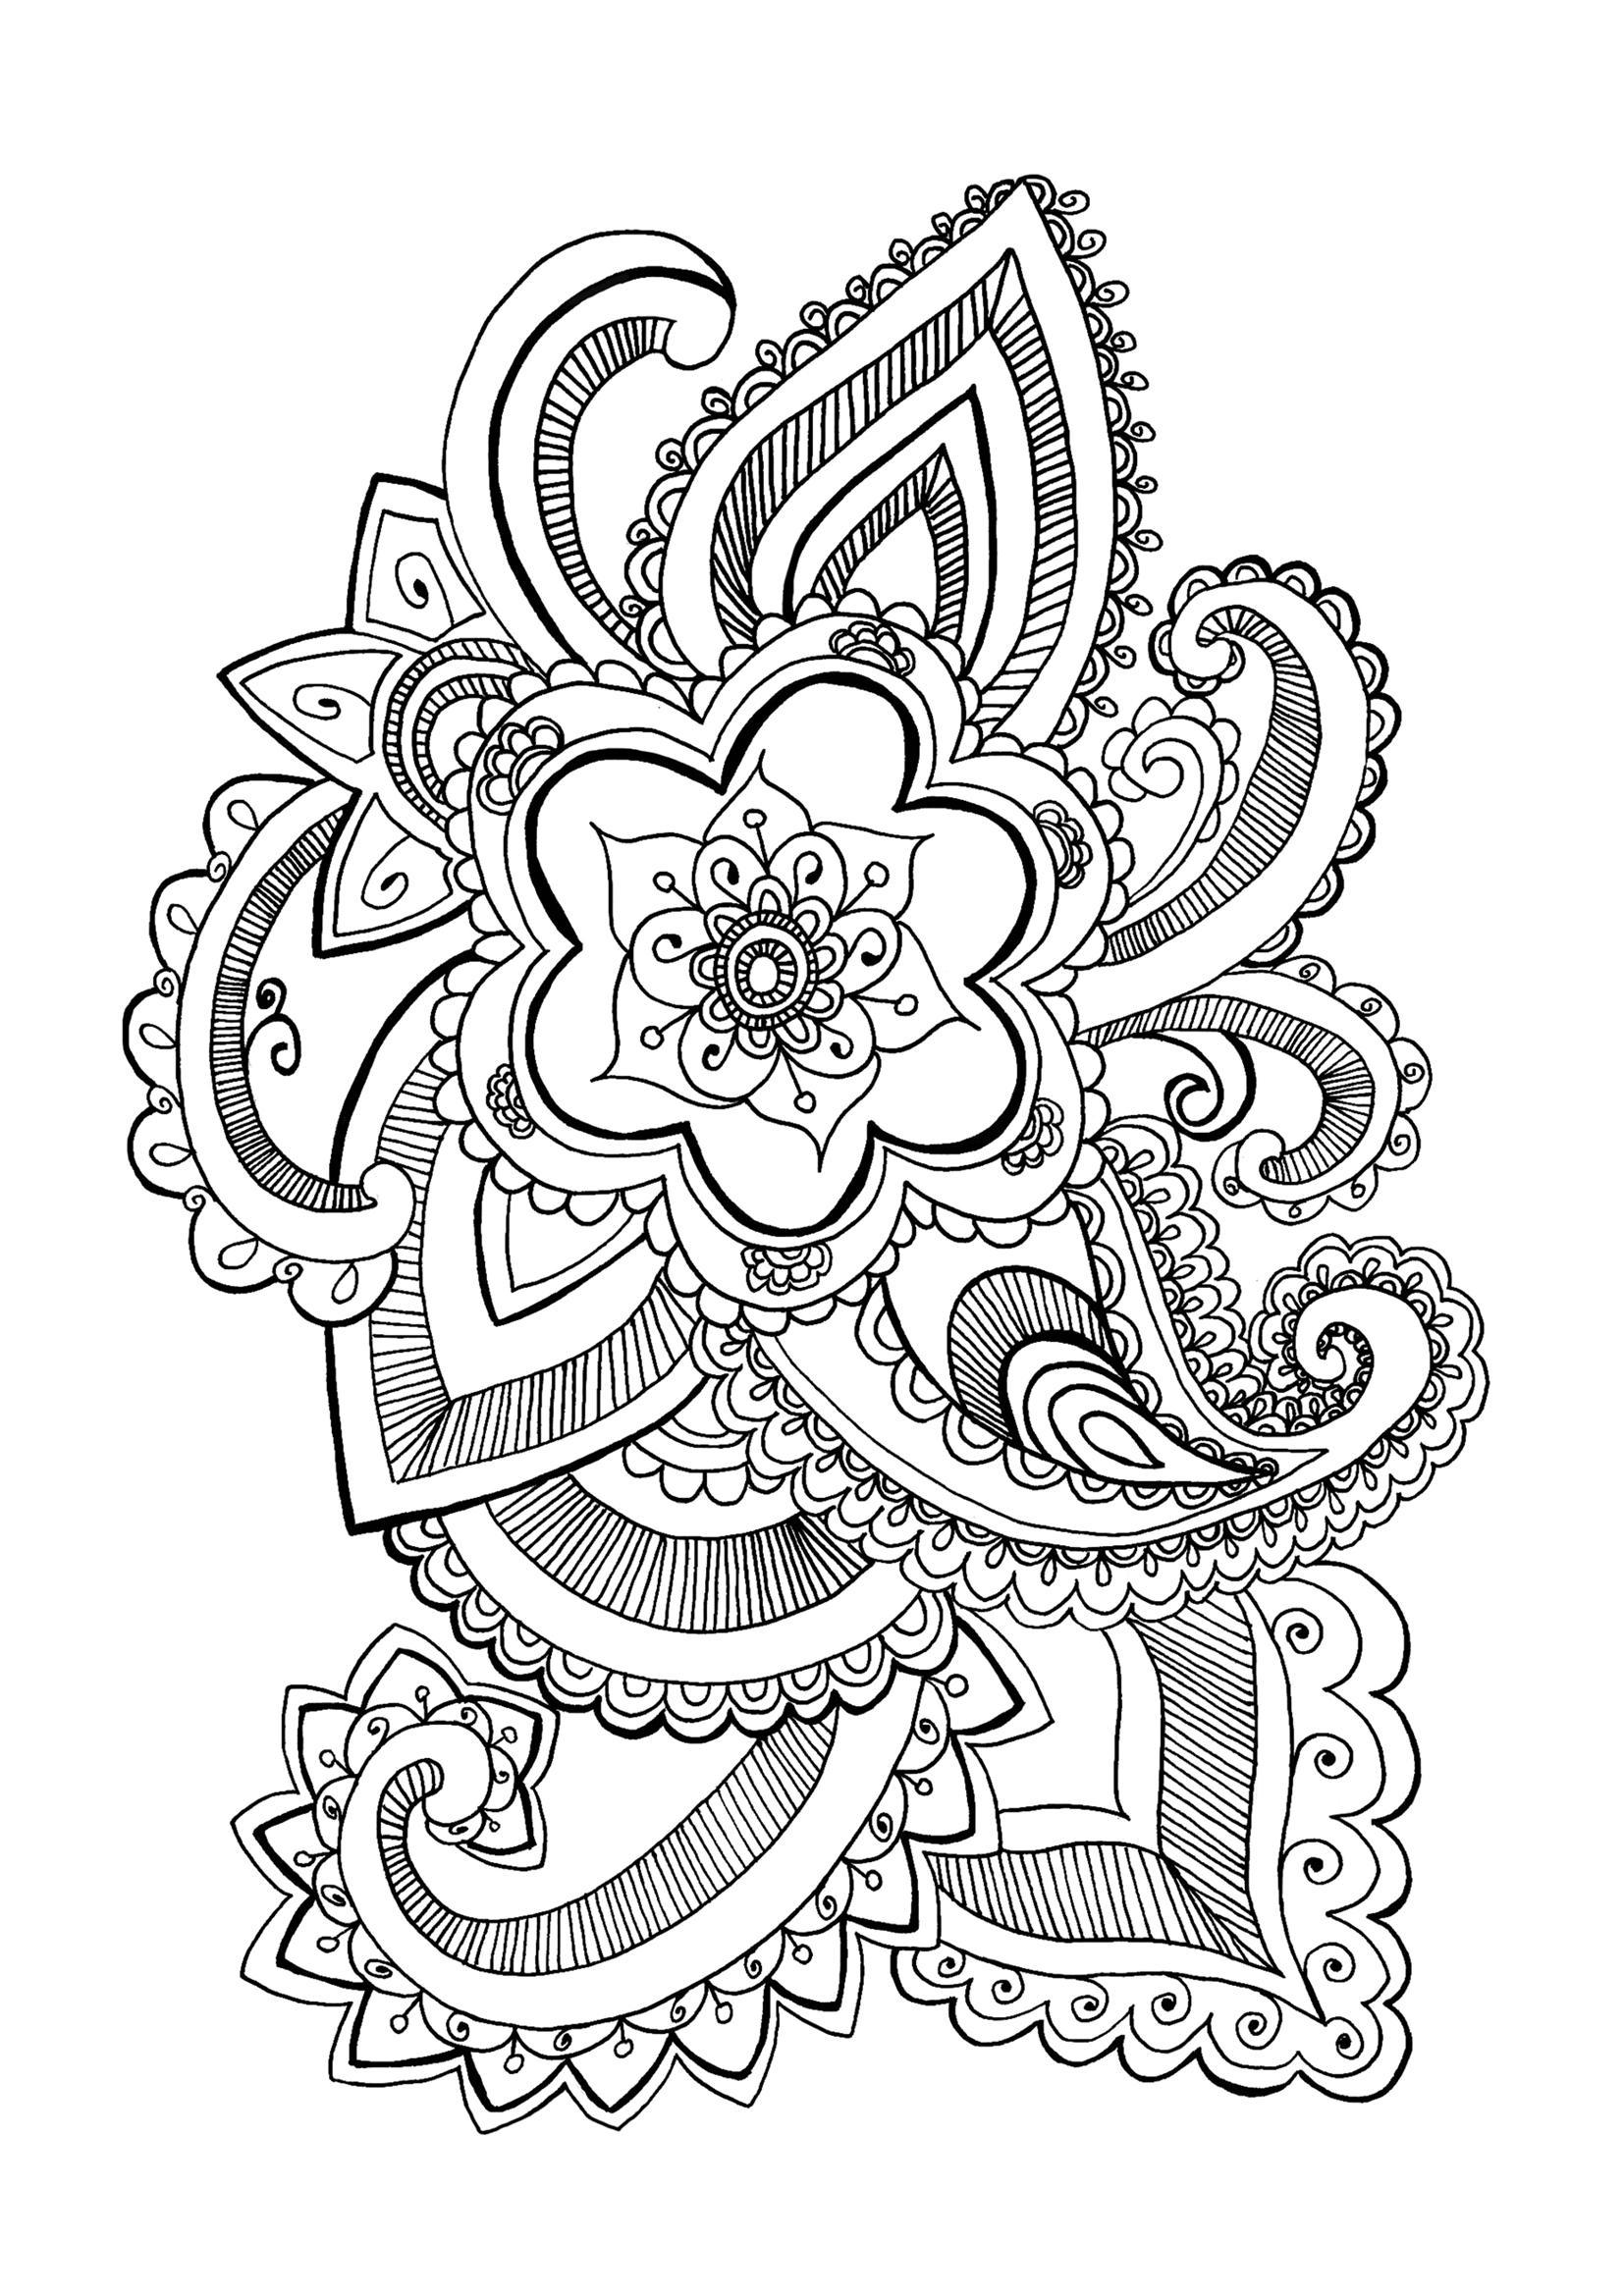 Une superbe fleur, avec un style bien particulier, réalisée par Celine.A partir